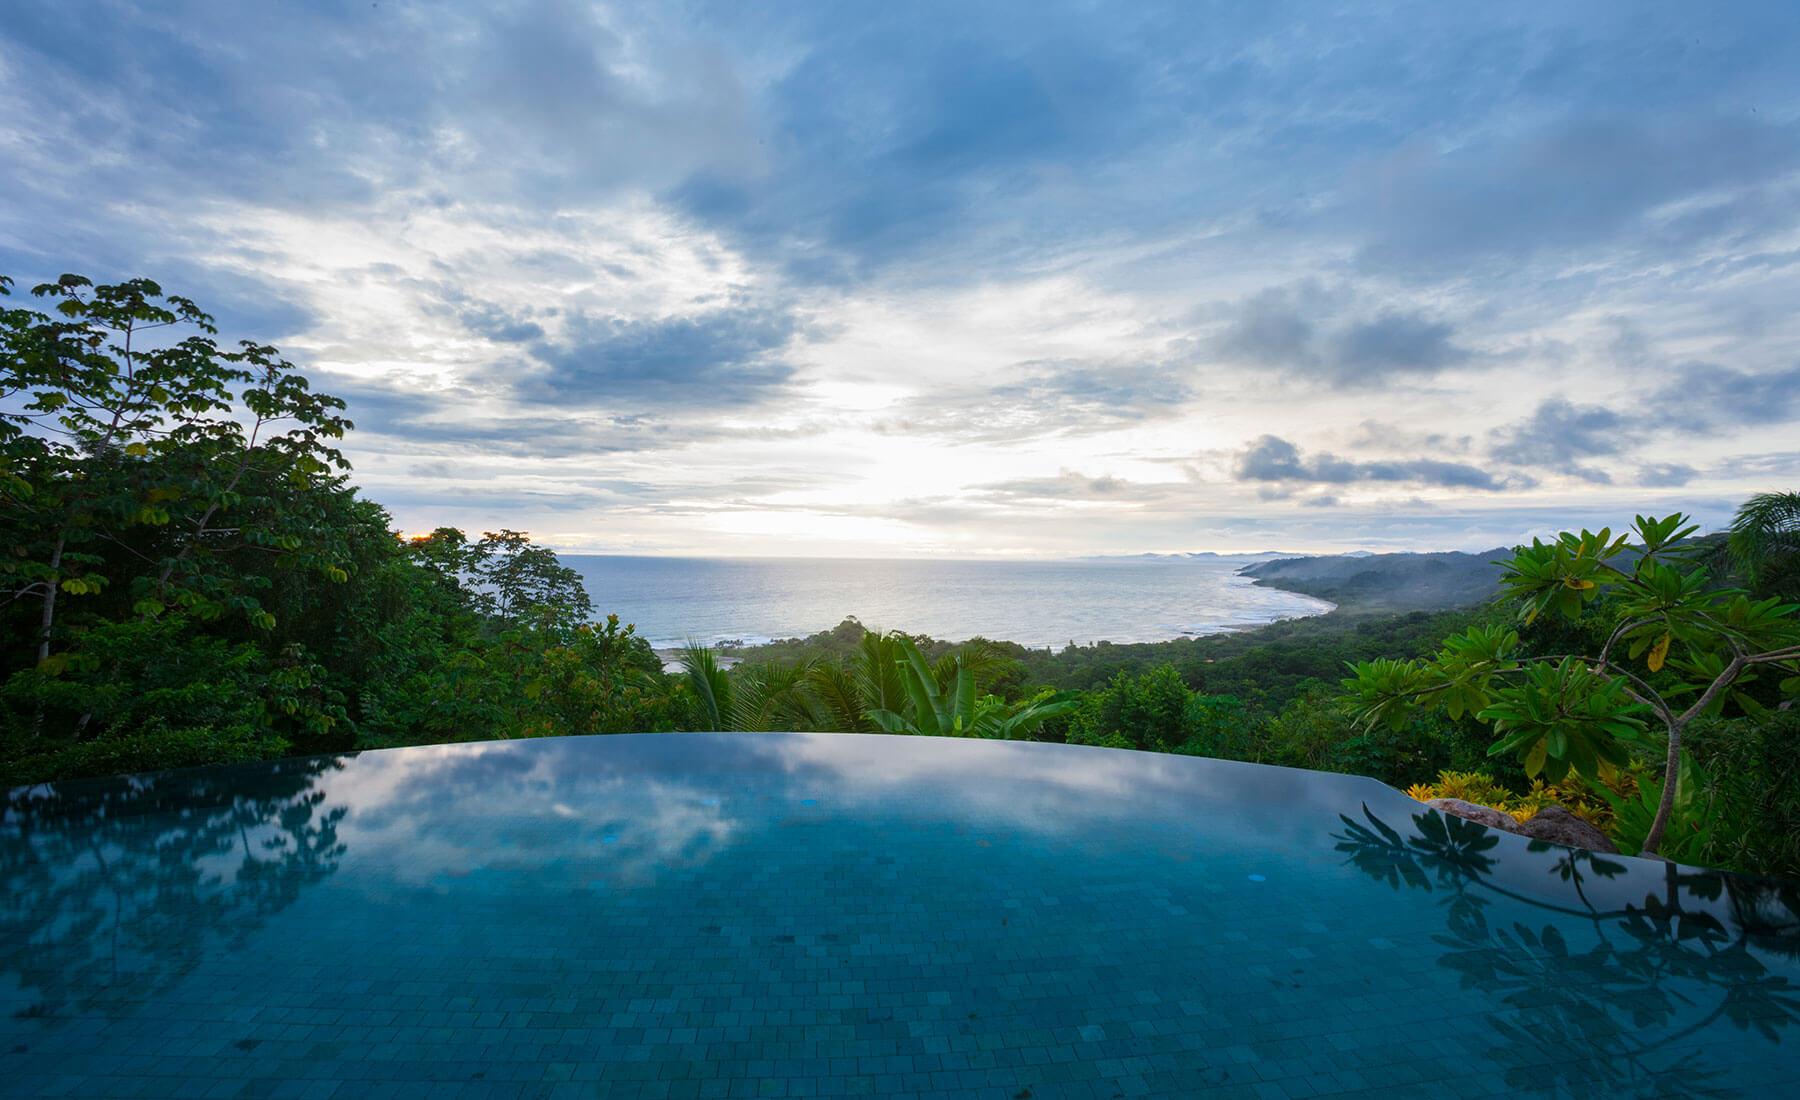 costa rica private villa pool view